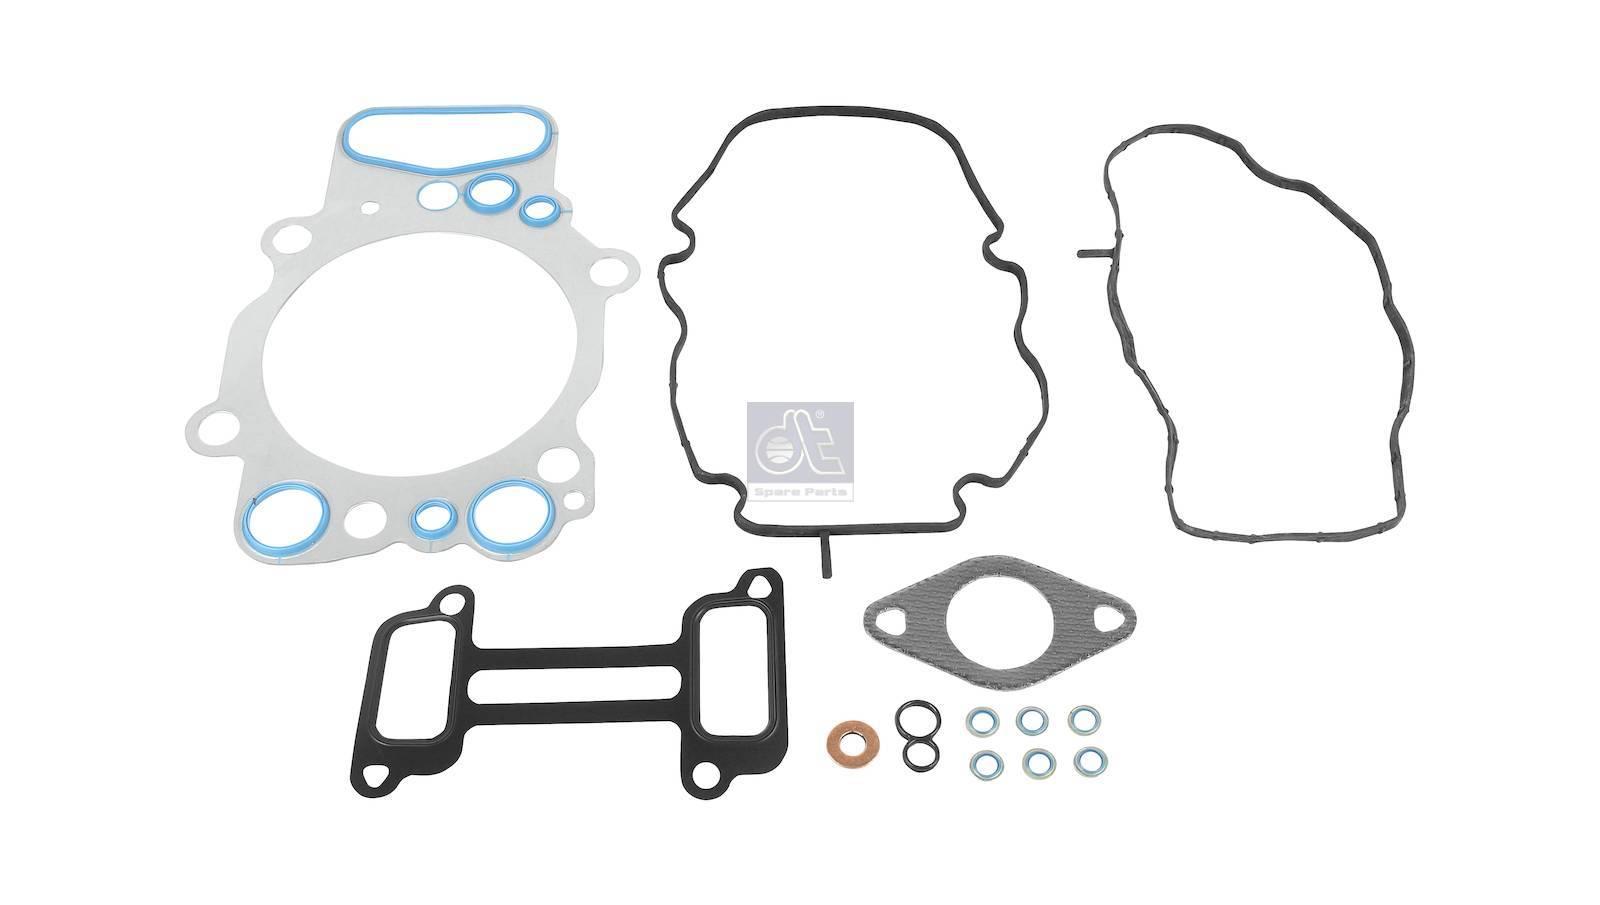 Dt 1 Cylinder Head Gasket Kit Suitable For